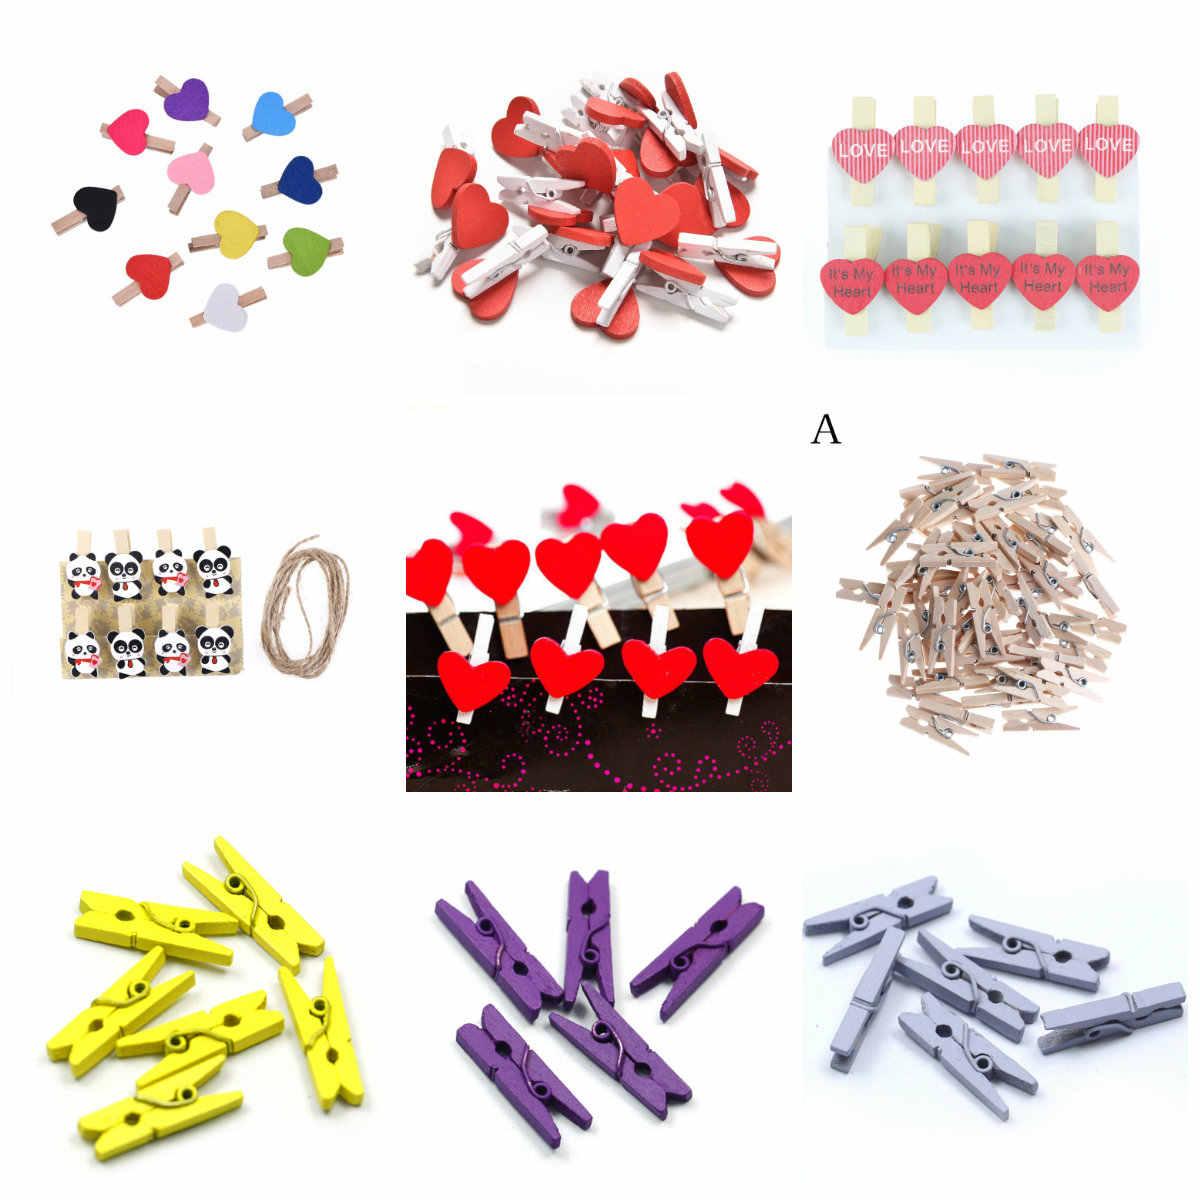 10-50 sztuk/paczka Home dekoracje ślubne Mini serce miłość drewniane ubrania papier fotograficzny Peg Pin Clothespin Craft pocztówka klipy